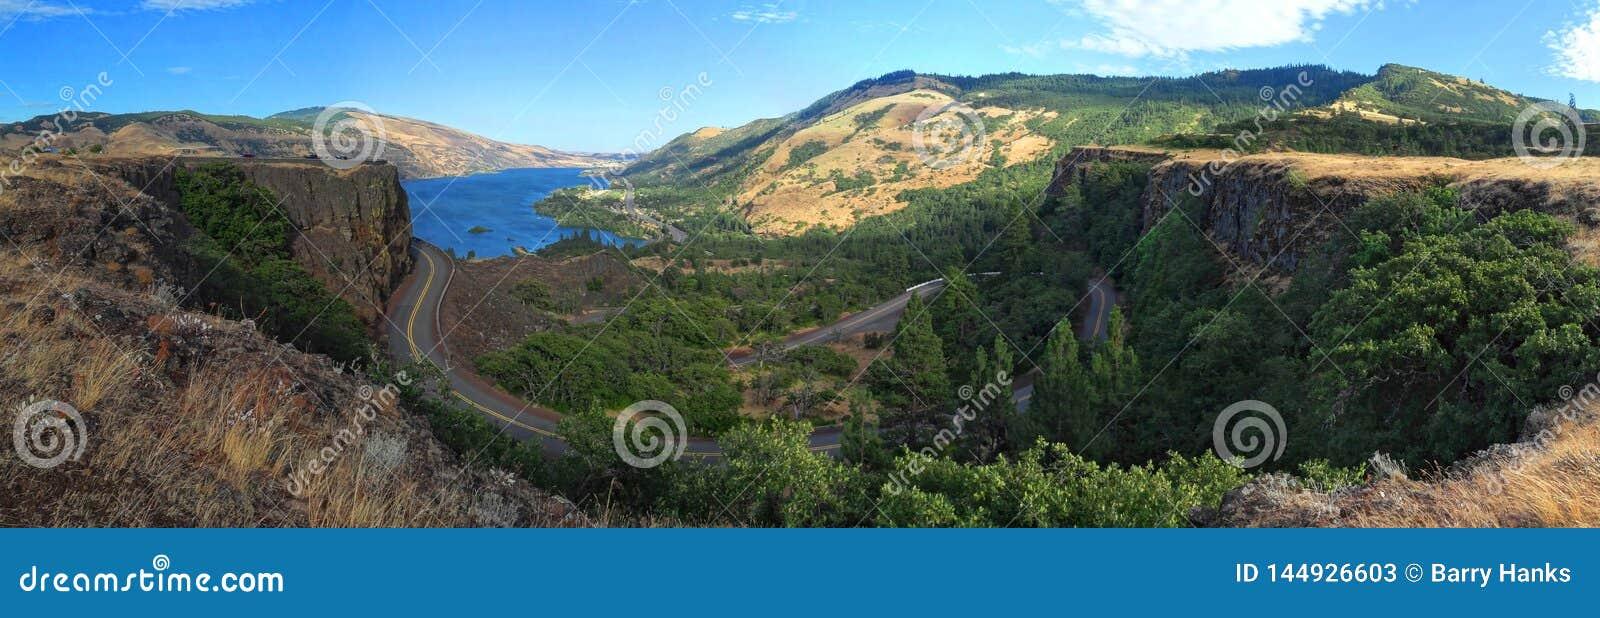 De de Rivierkloof van Colombia van Rowena Crest wordt bekeken die